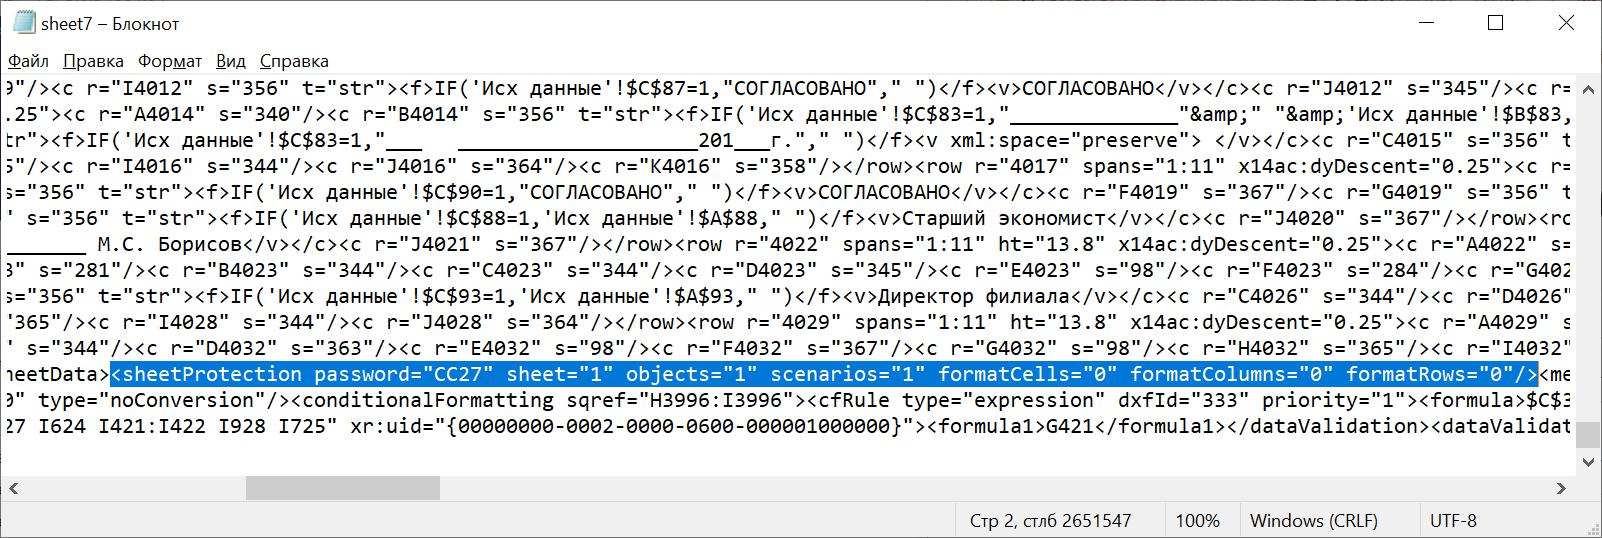 Удаление пароля Excel